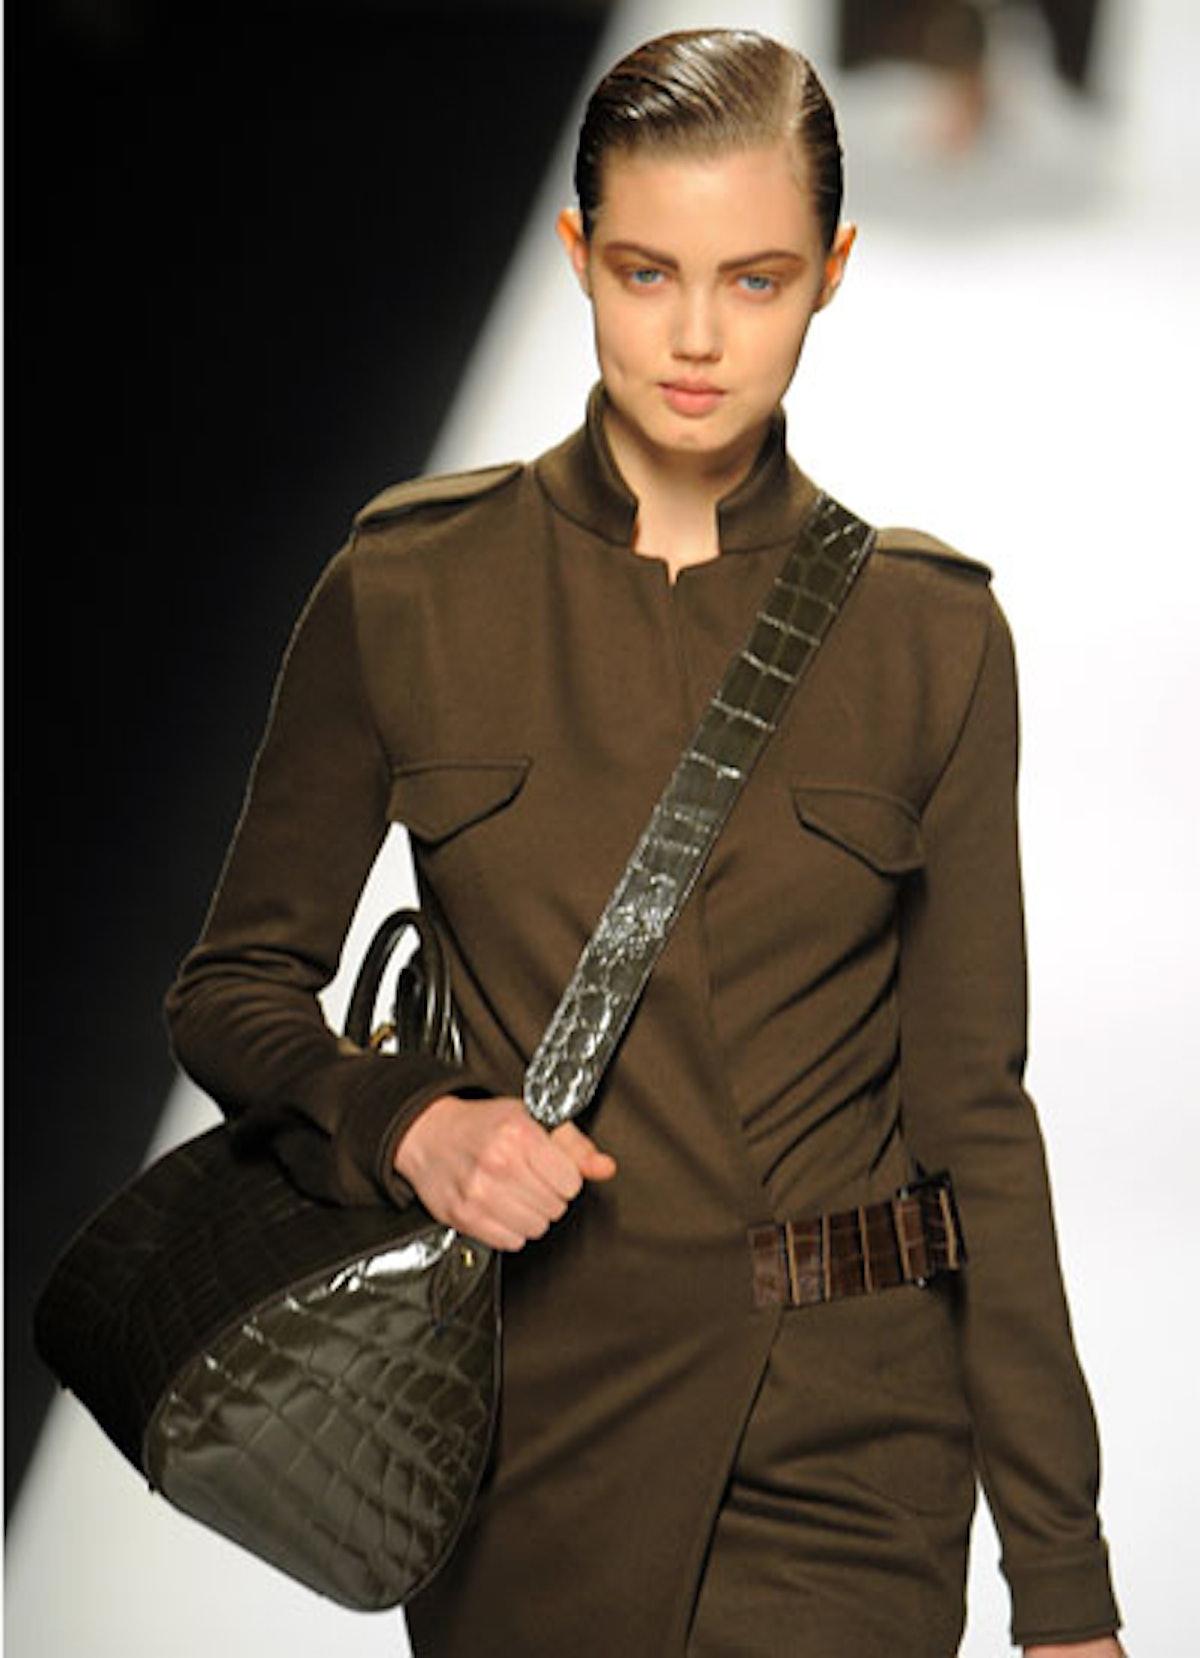 acss-milan-handbags-07-v.jpg